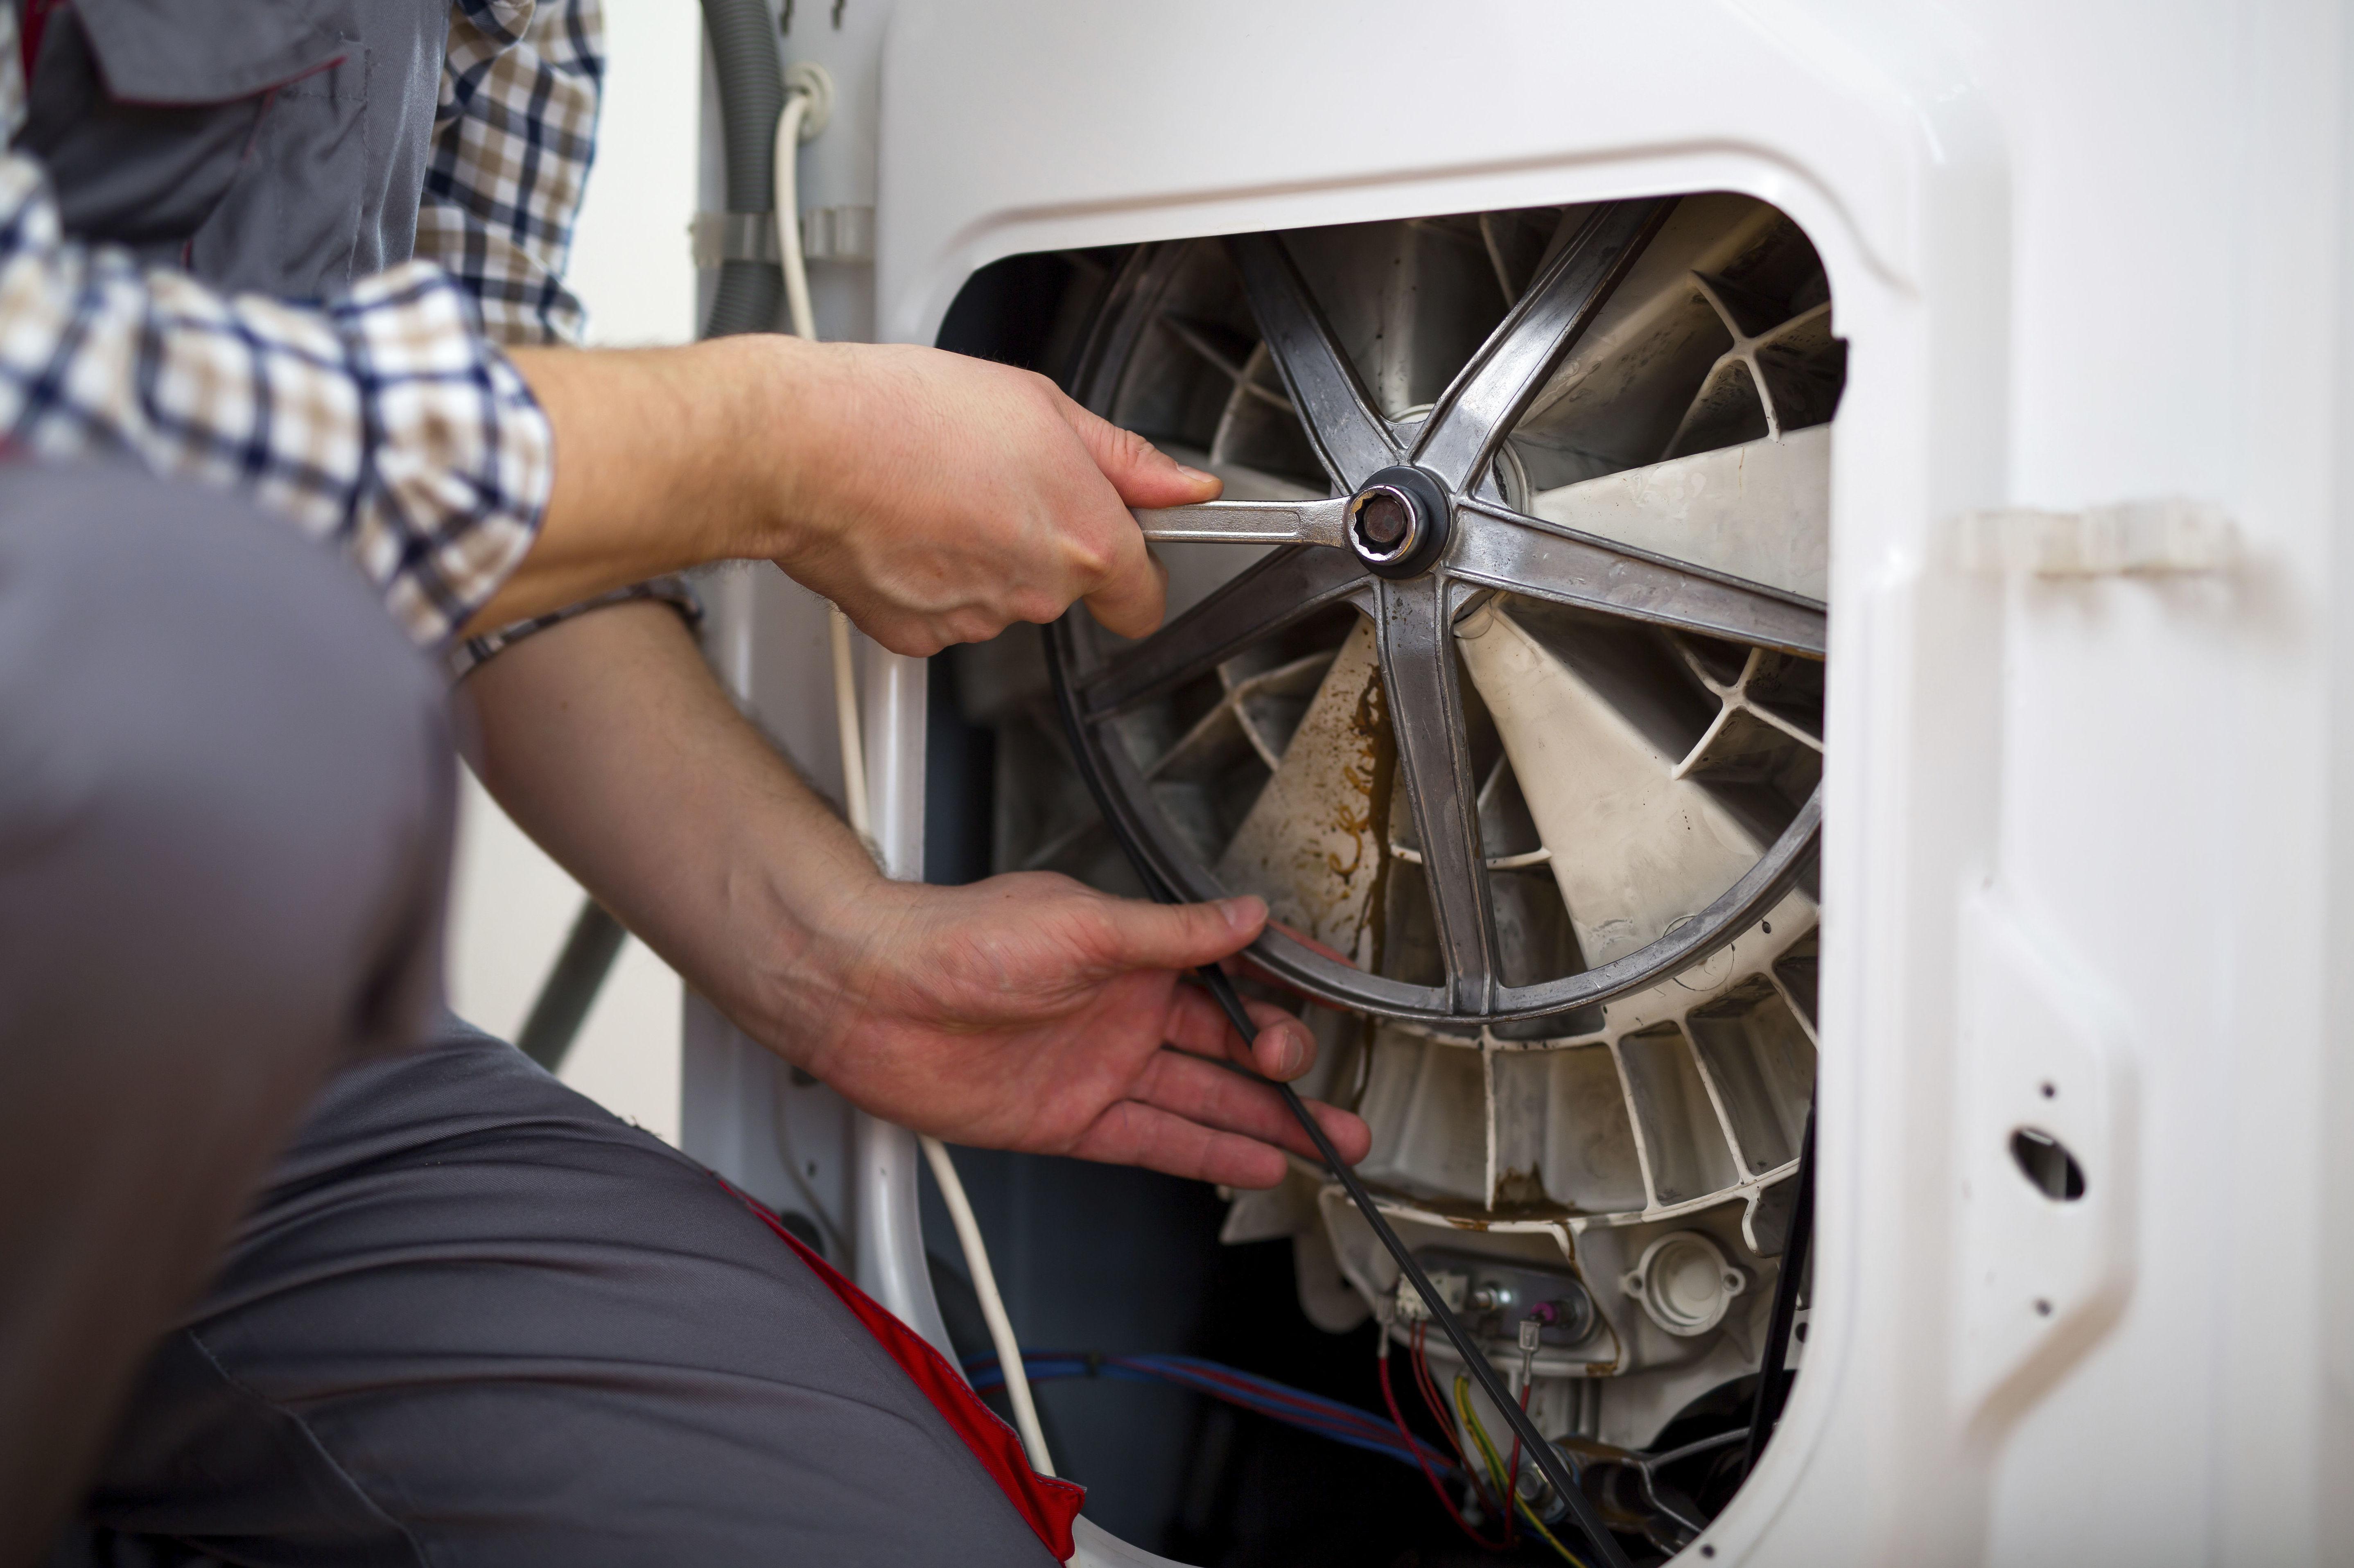 Reparación de equipos industriales: Servicios de Servicio Técnico Reparación de Electrodomésticos Tenerife